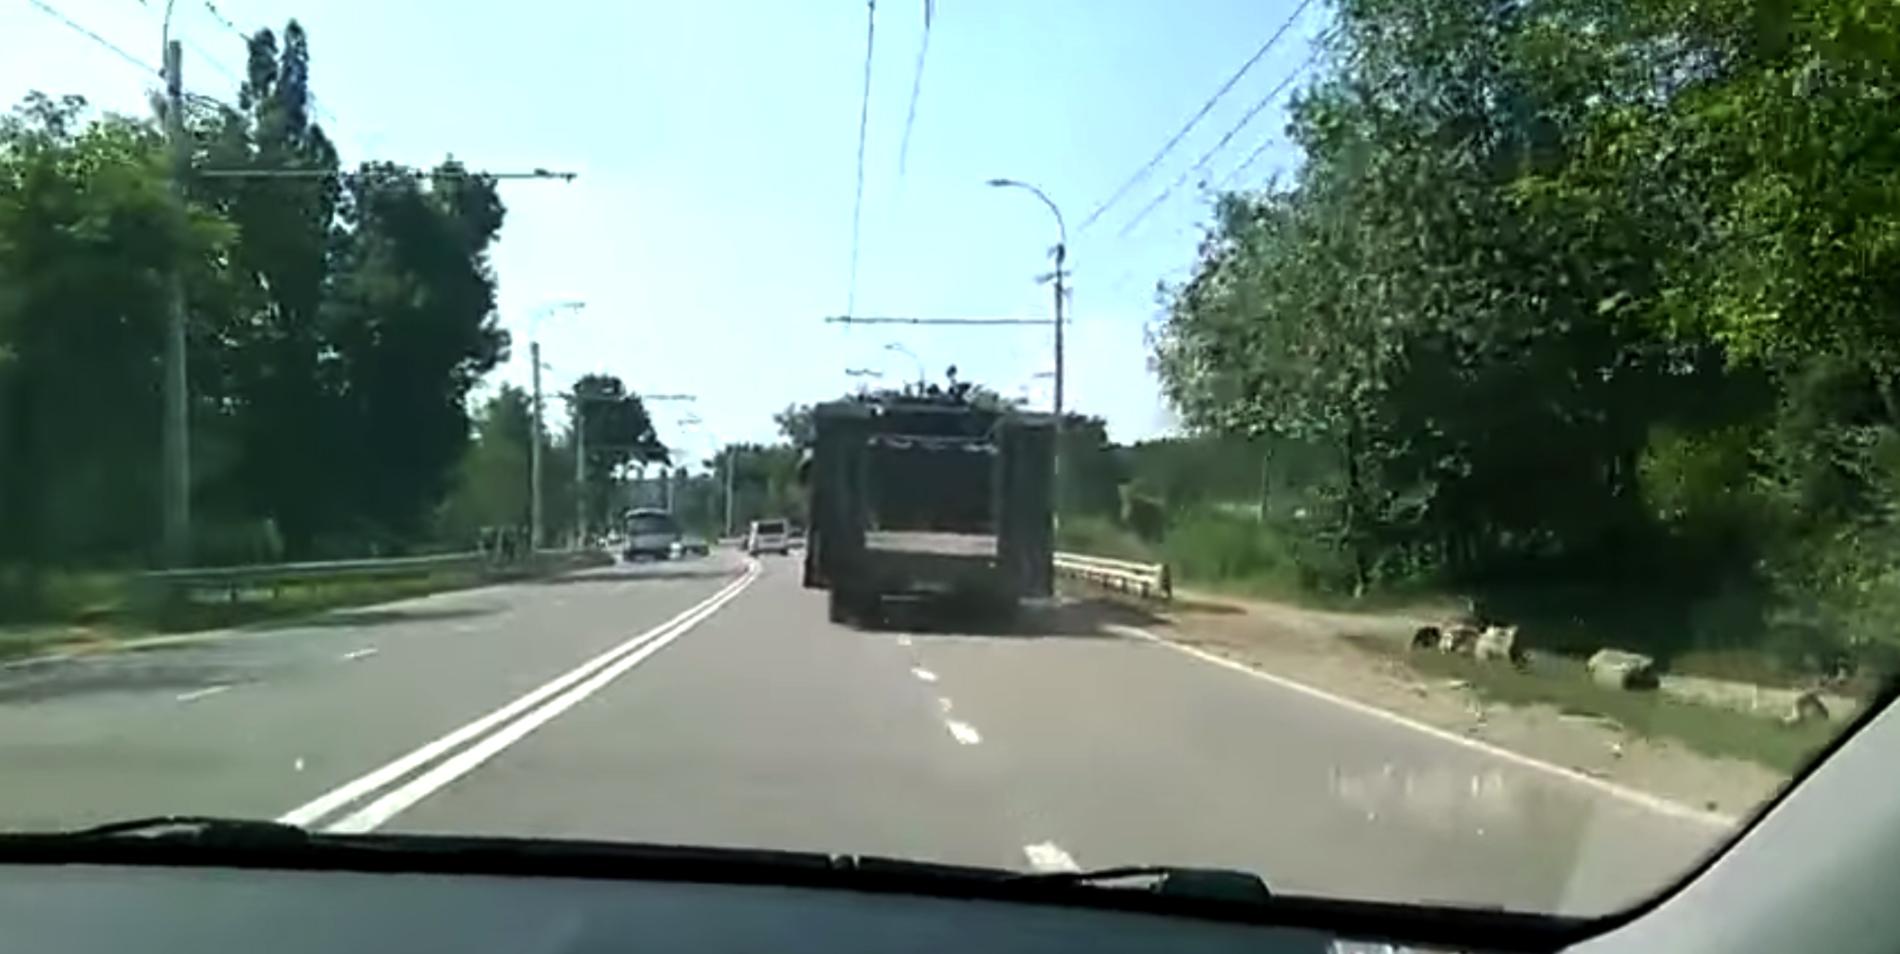 Accident uluitor in Crimeea. Ce s-a intamplat cu o platforma care transporta un tanc al armatei rusesti